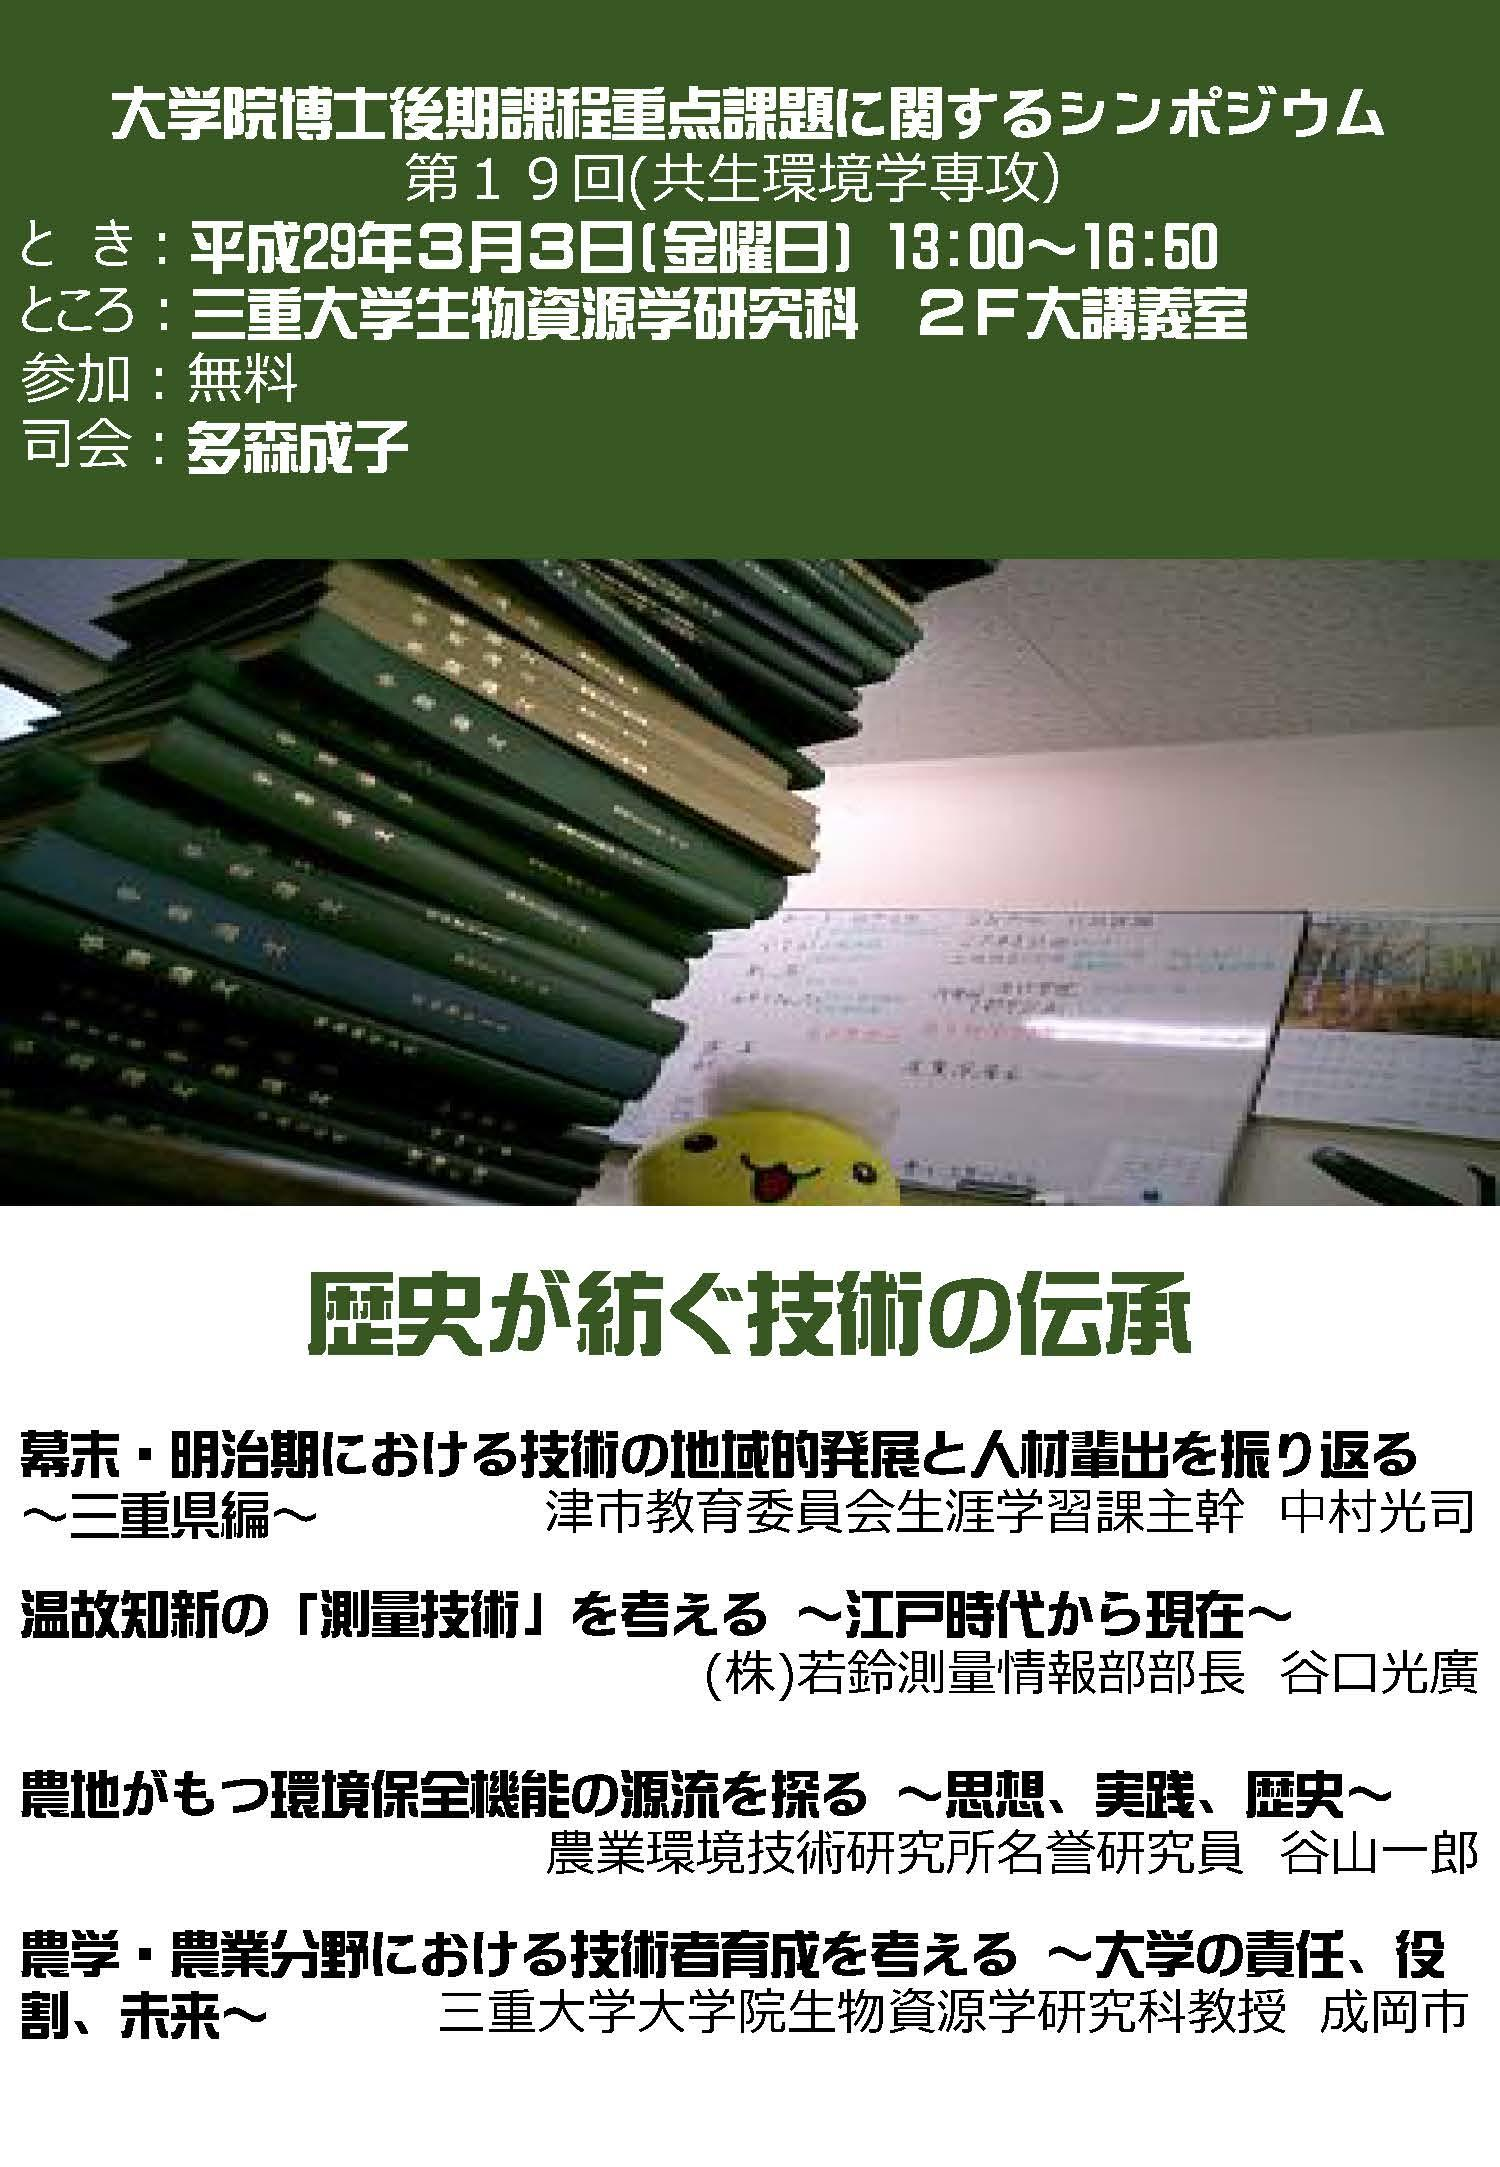 大学院博士後期課程重点課題に関するシンポジウム第19回(共生環境学専攻)